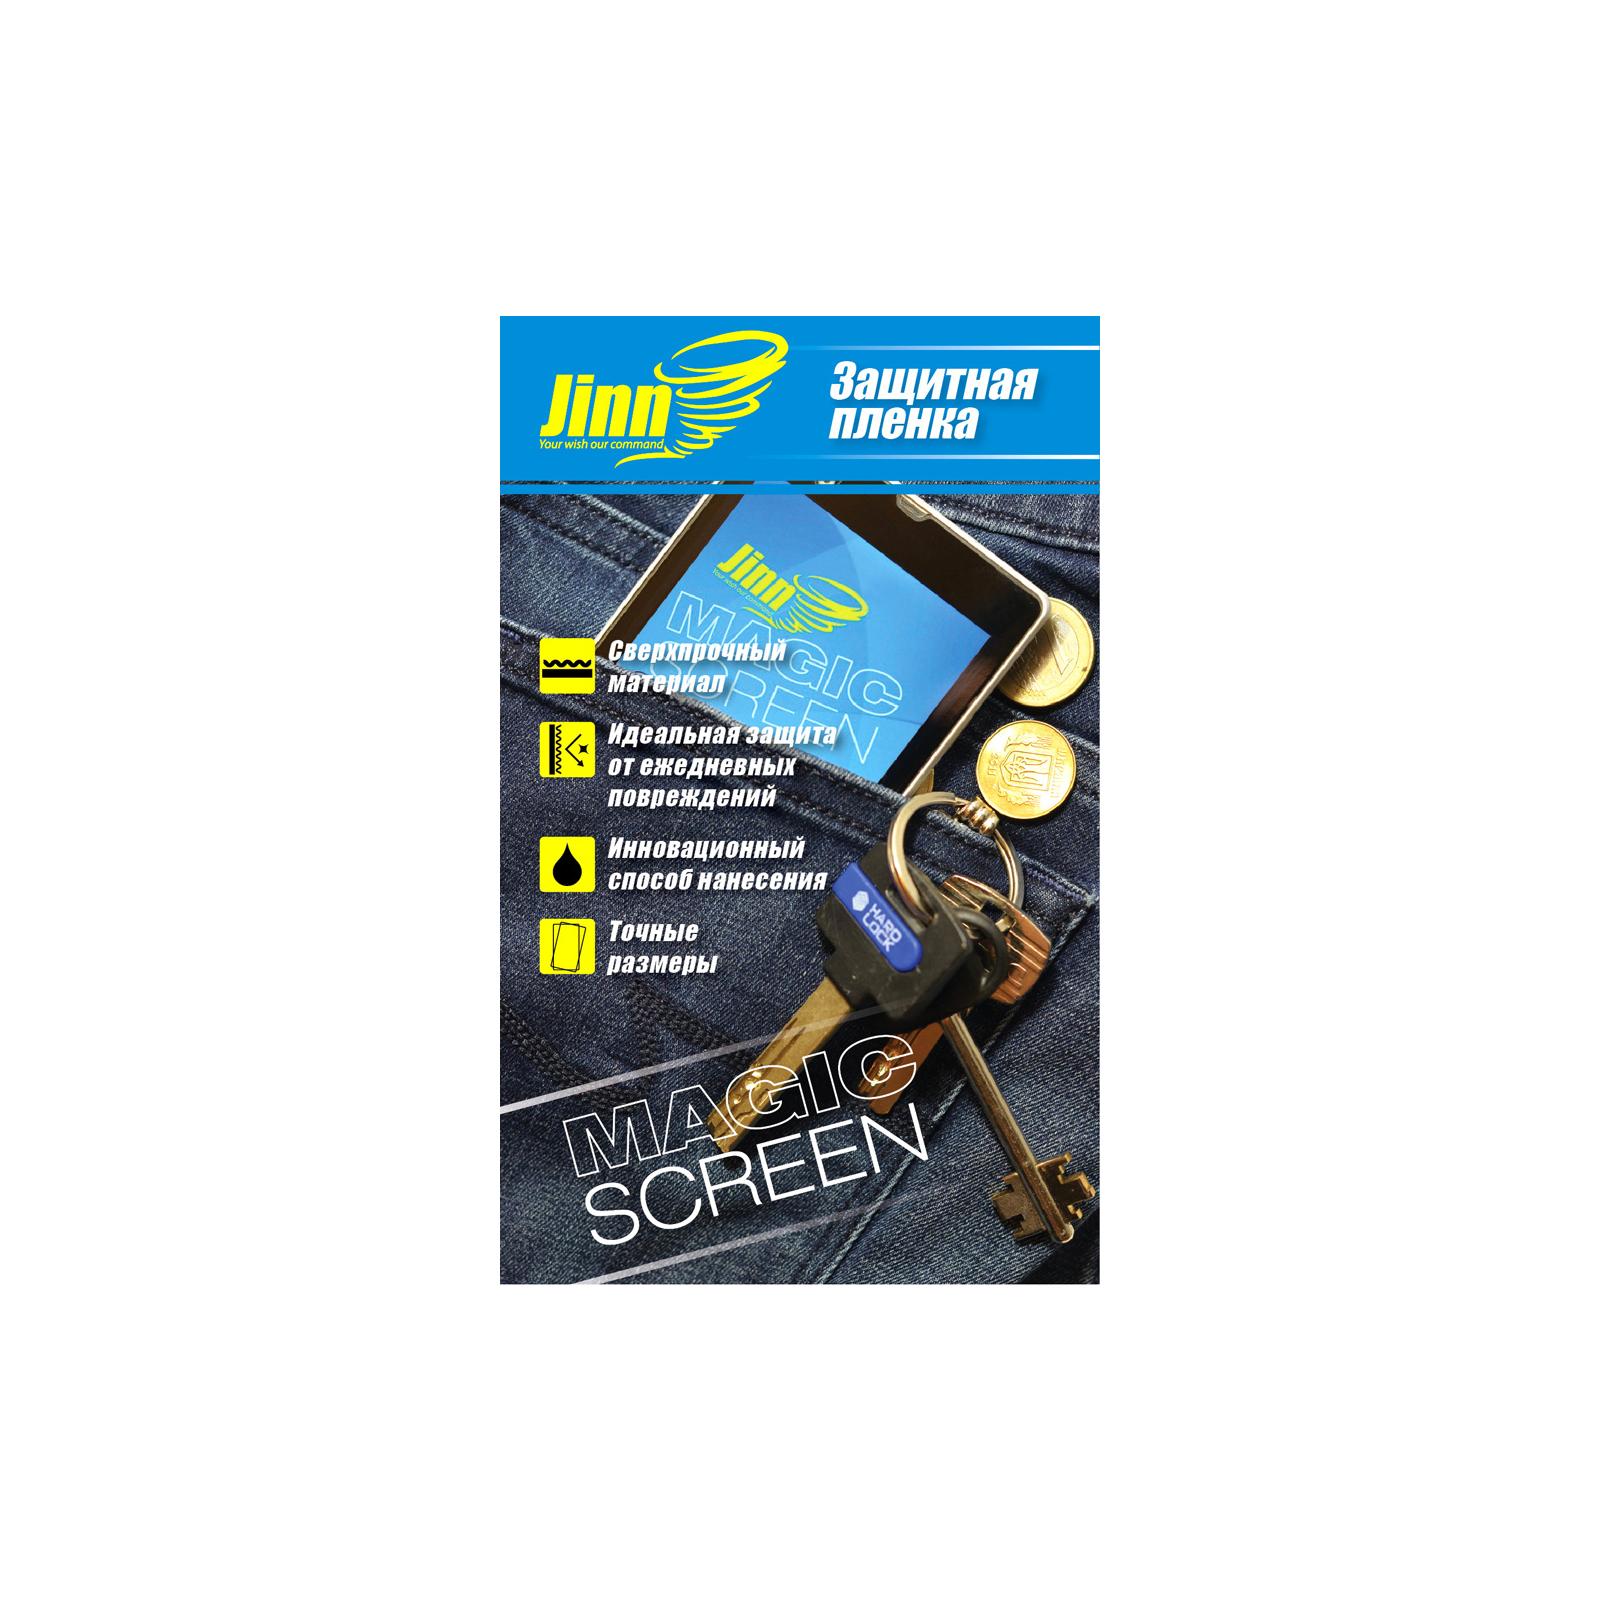 Пленка защитная JINN ультрапрочная Magic Screen для Lenovo IdeaPhone P780 (Lenovo IdeaPhone P780 front)